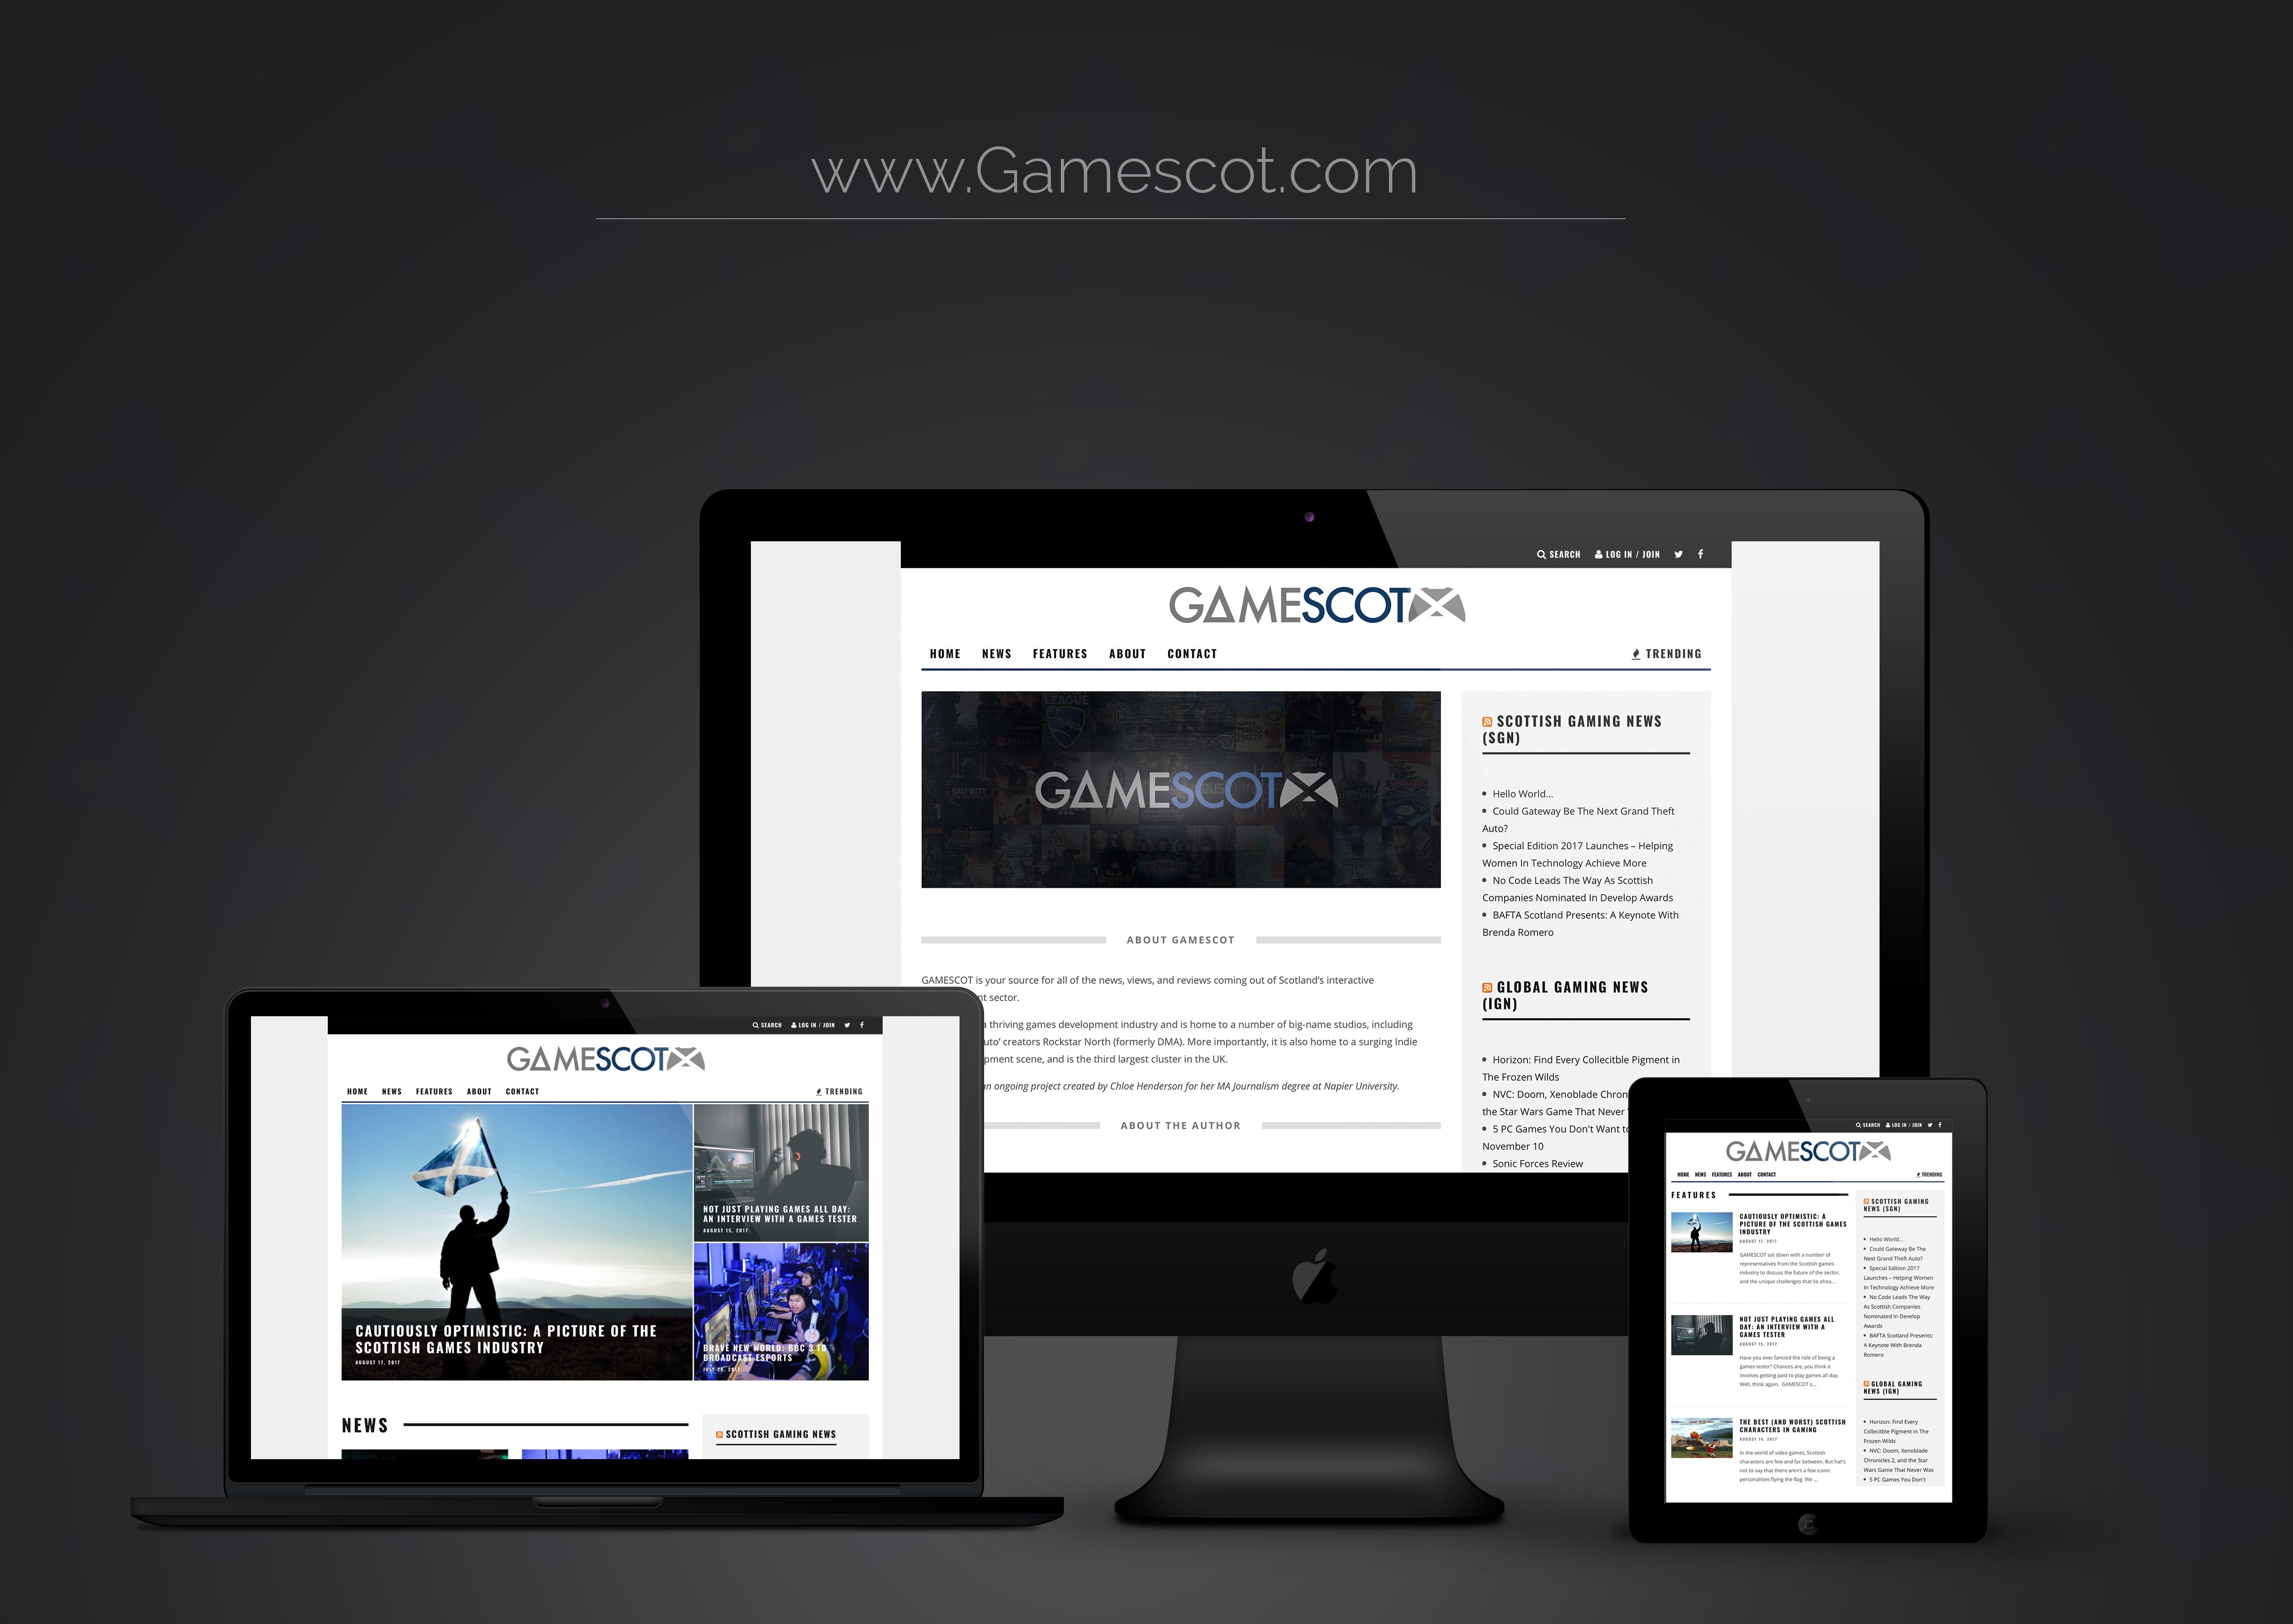 gamescot-devices chris casey